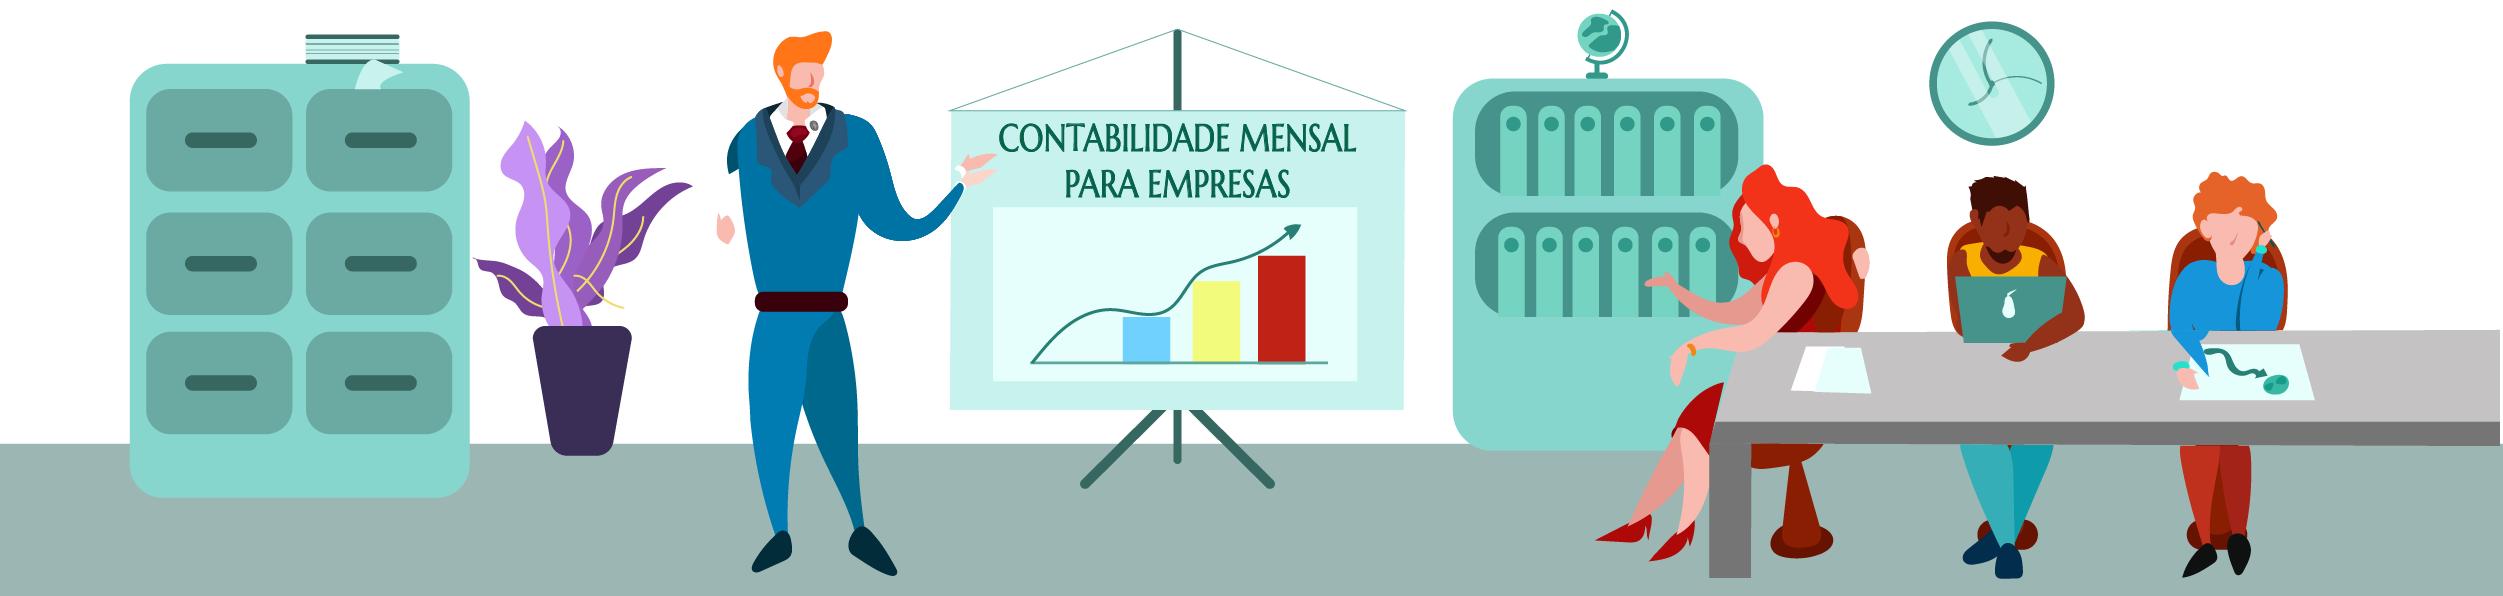 CONTABILIDADE MENSAL DE EMPRESAS